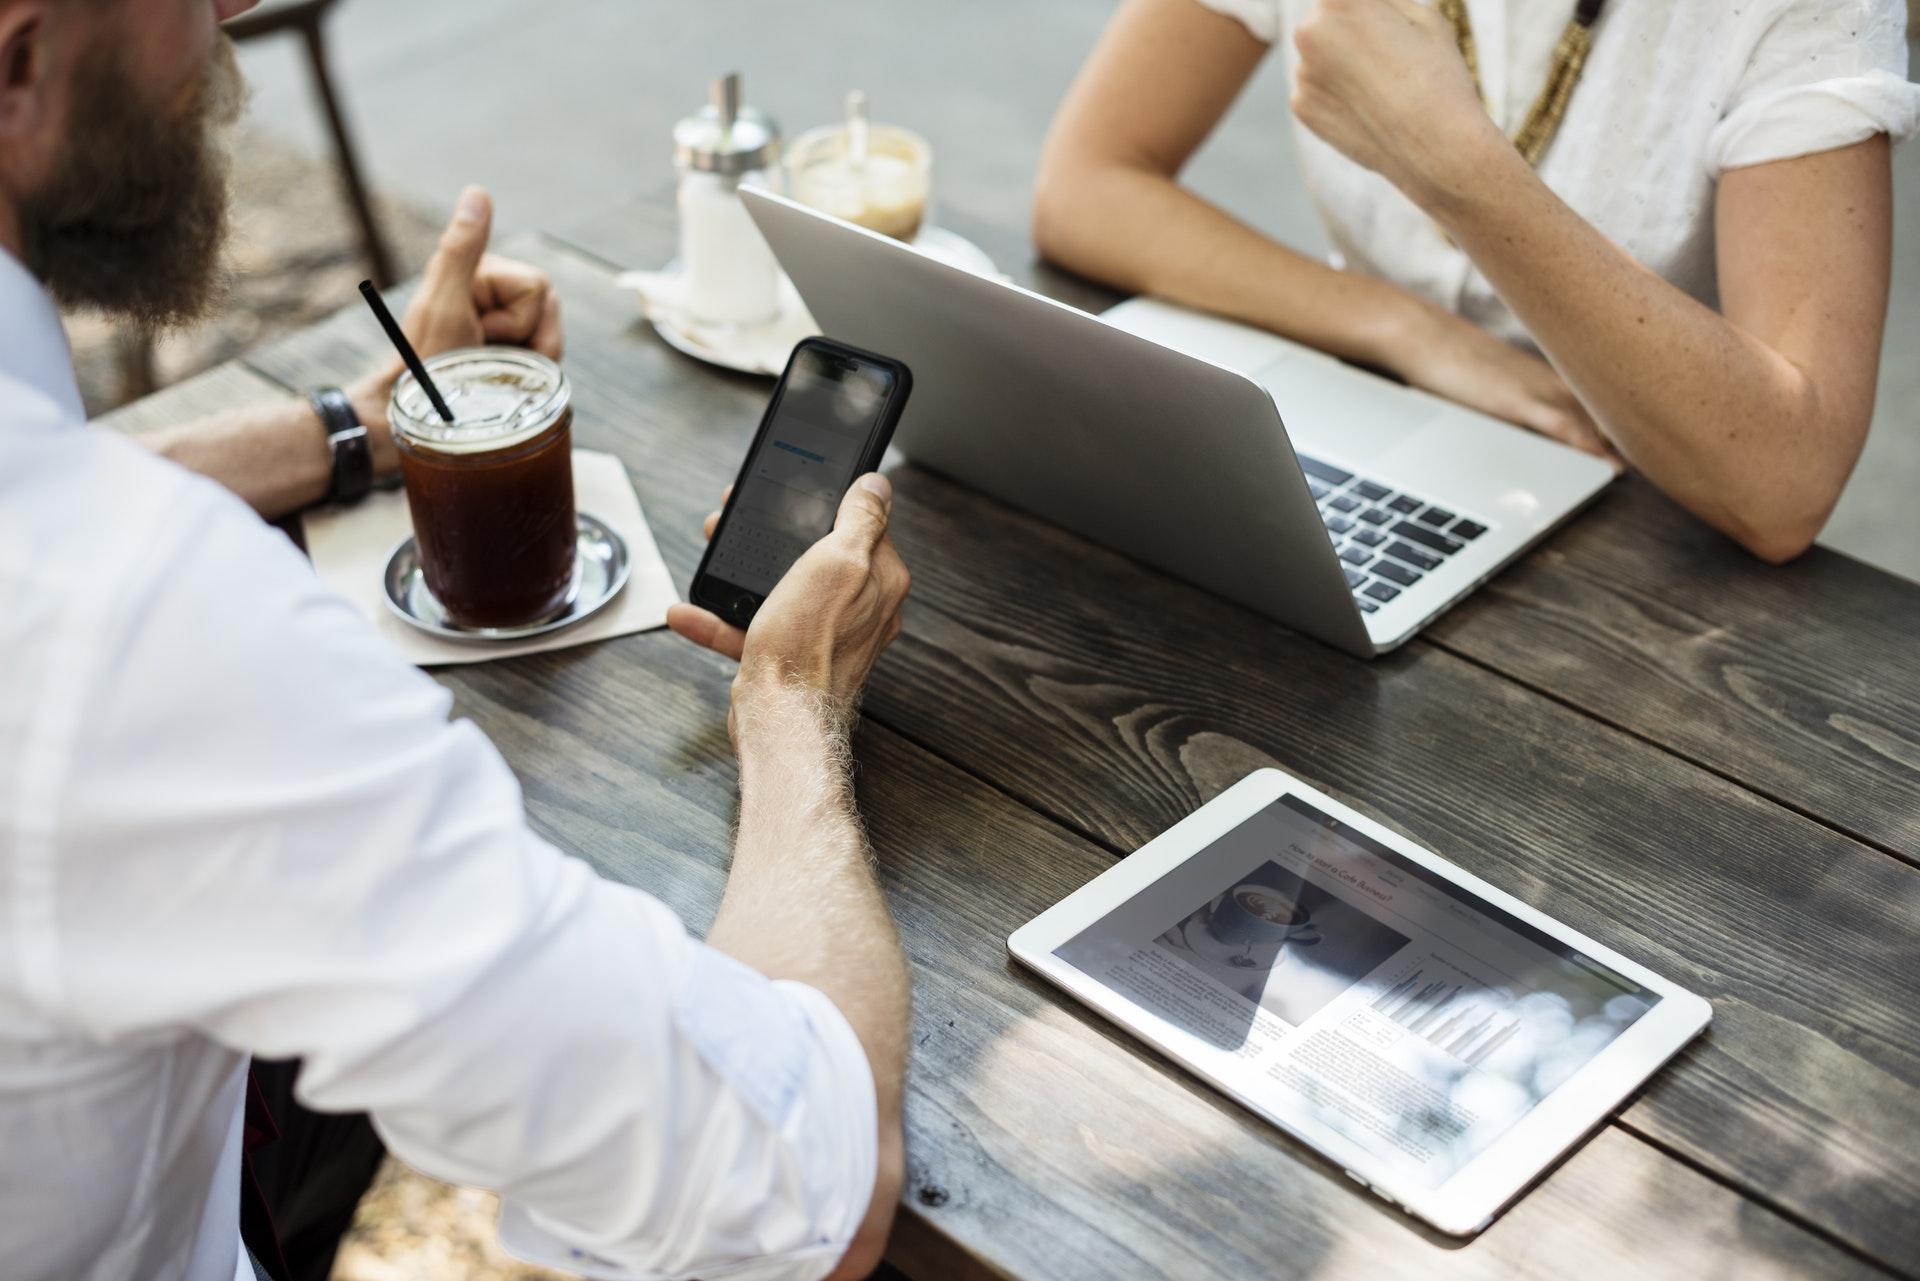 Professionel online kontorpakke med CMS, online drev, mail og kalender løsning, der virker på alle dine enheder.